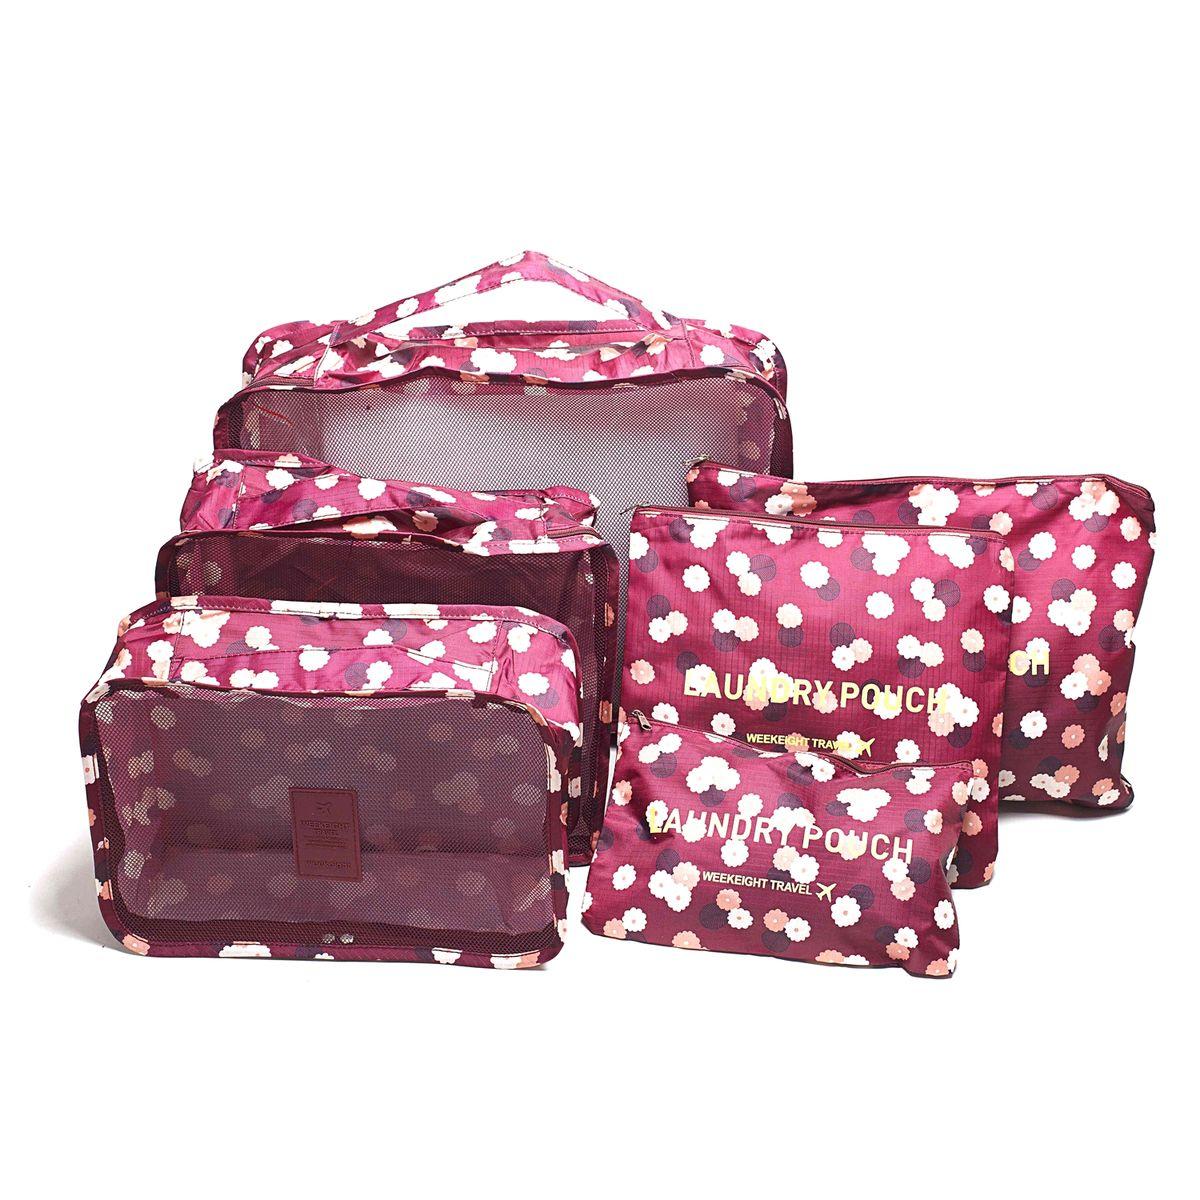 Набор органайзеров для багажа Homsu Цветок, цвет: бордовый, розовый, белый, 6 предметов набор органайзеров valiant vintage цвет бежевый 18 x 12 x 5 см 12 x 12 x 5 см vn s2p